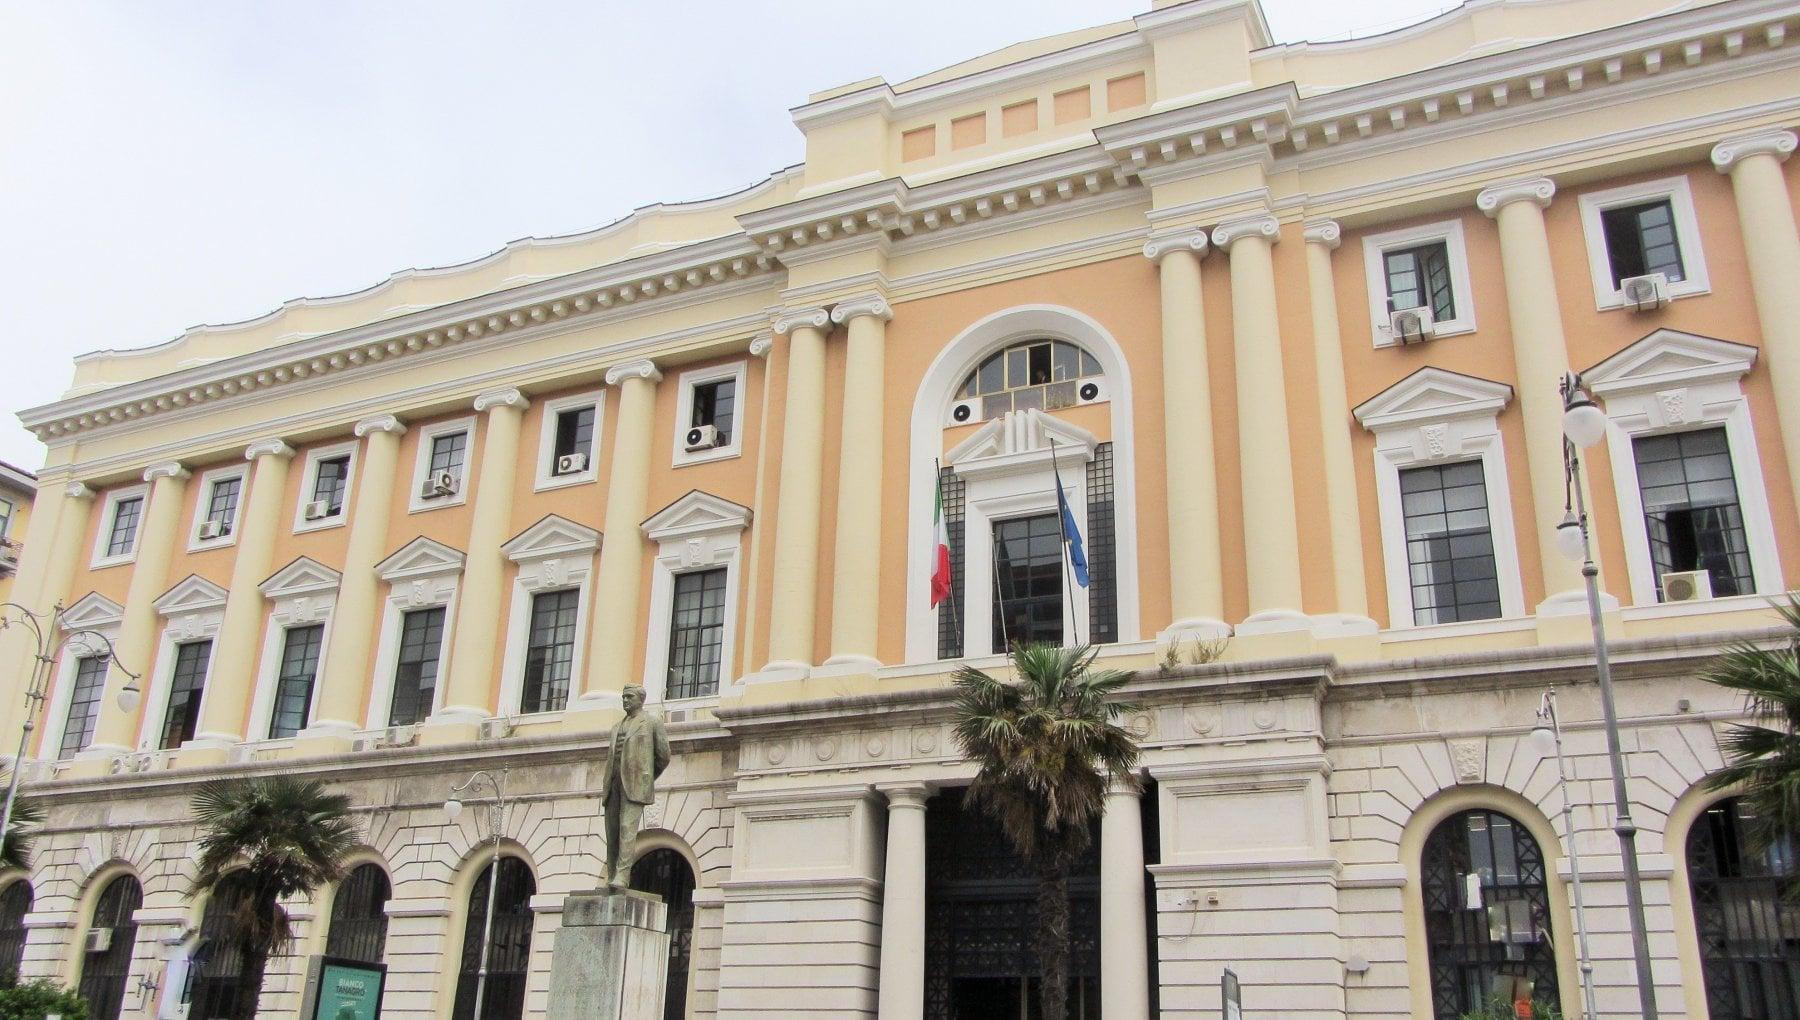 Omicidio colposo plurimo arrestato primario a Salerno